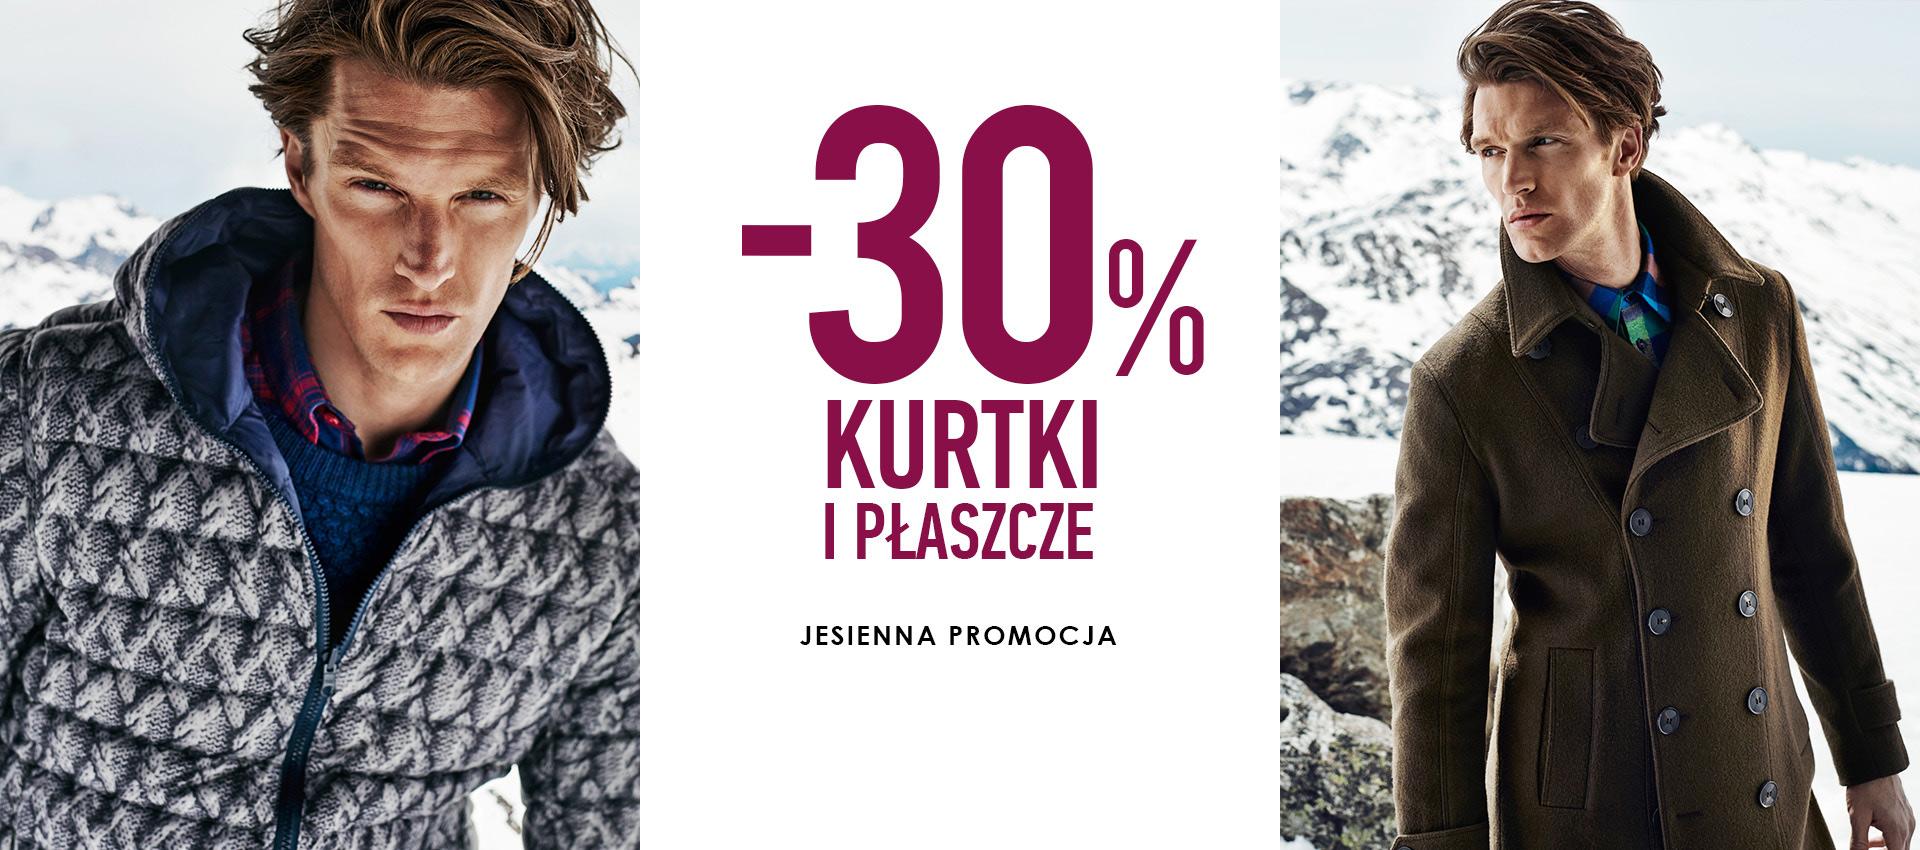 Vistula: kurtki i płaszcze 30% taniej